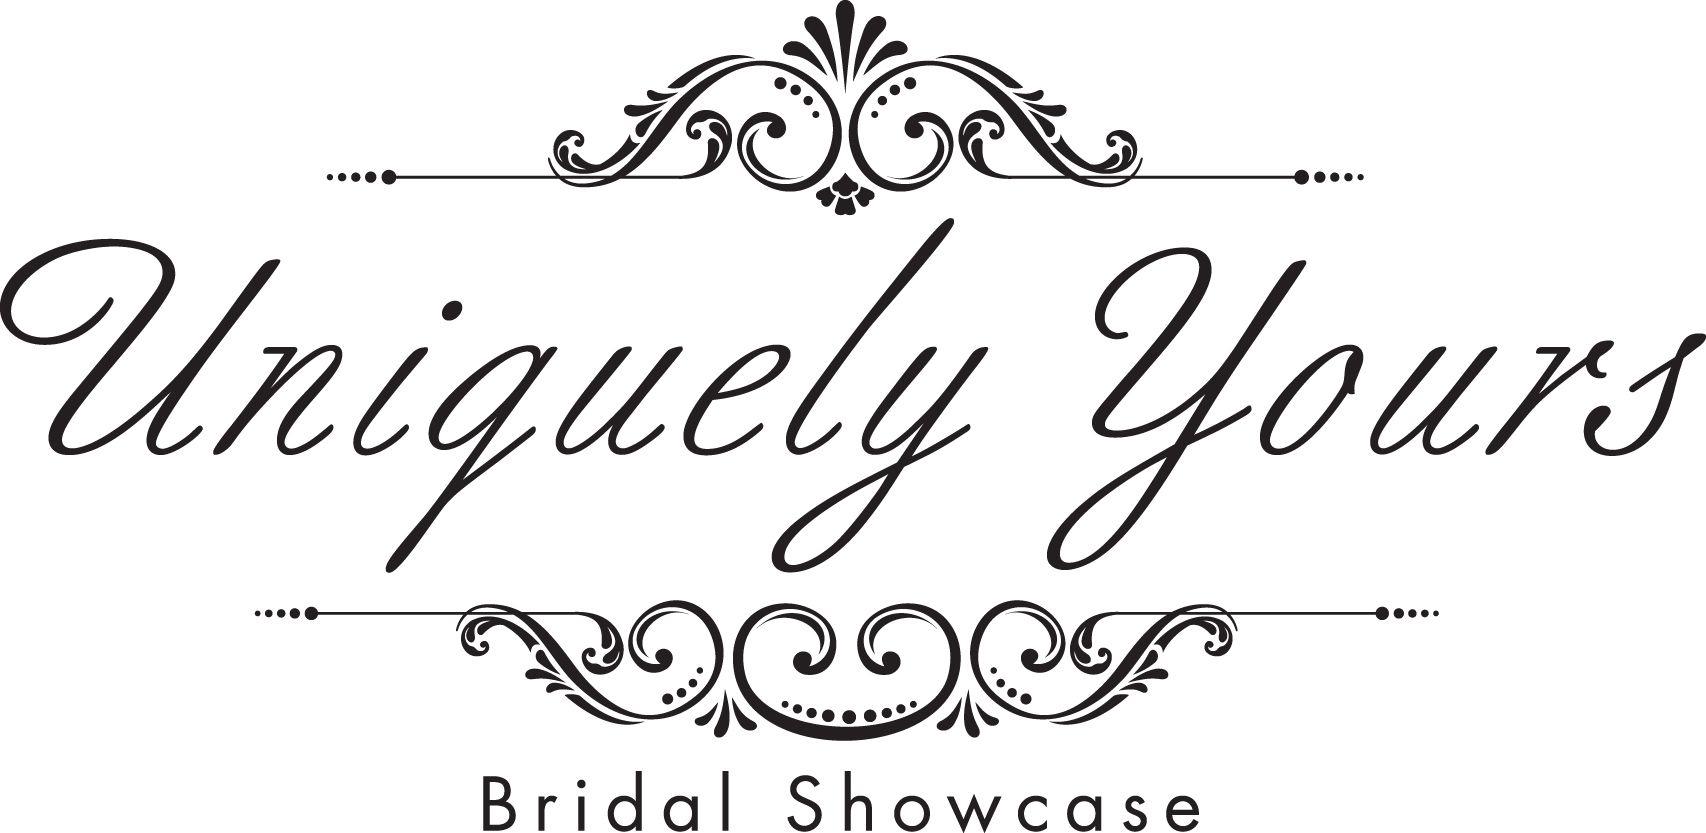 Wedding Logo Google 搜尋